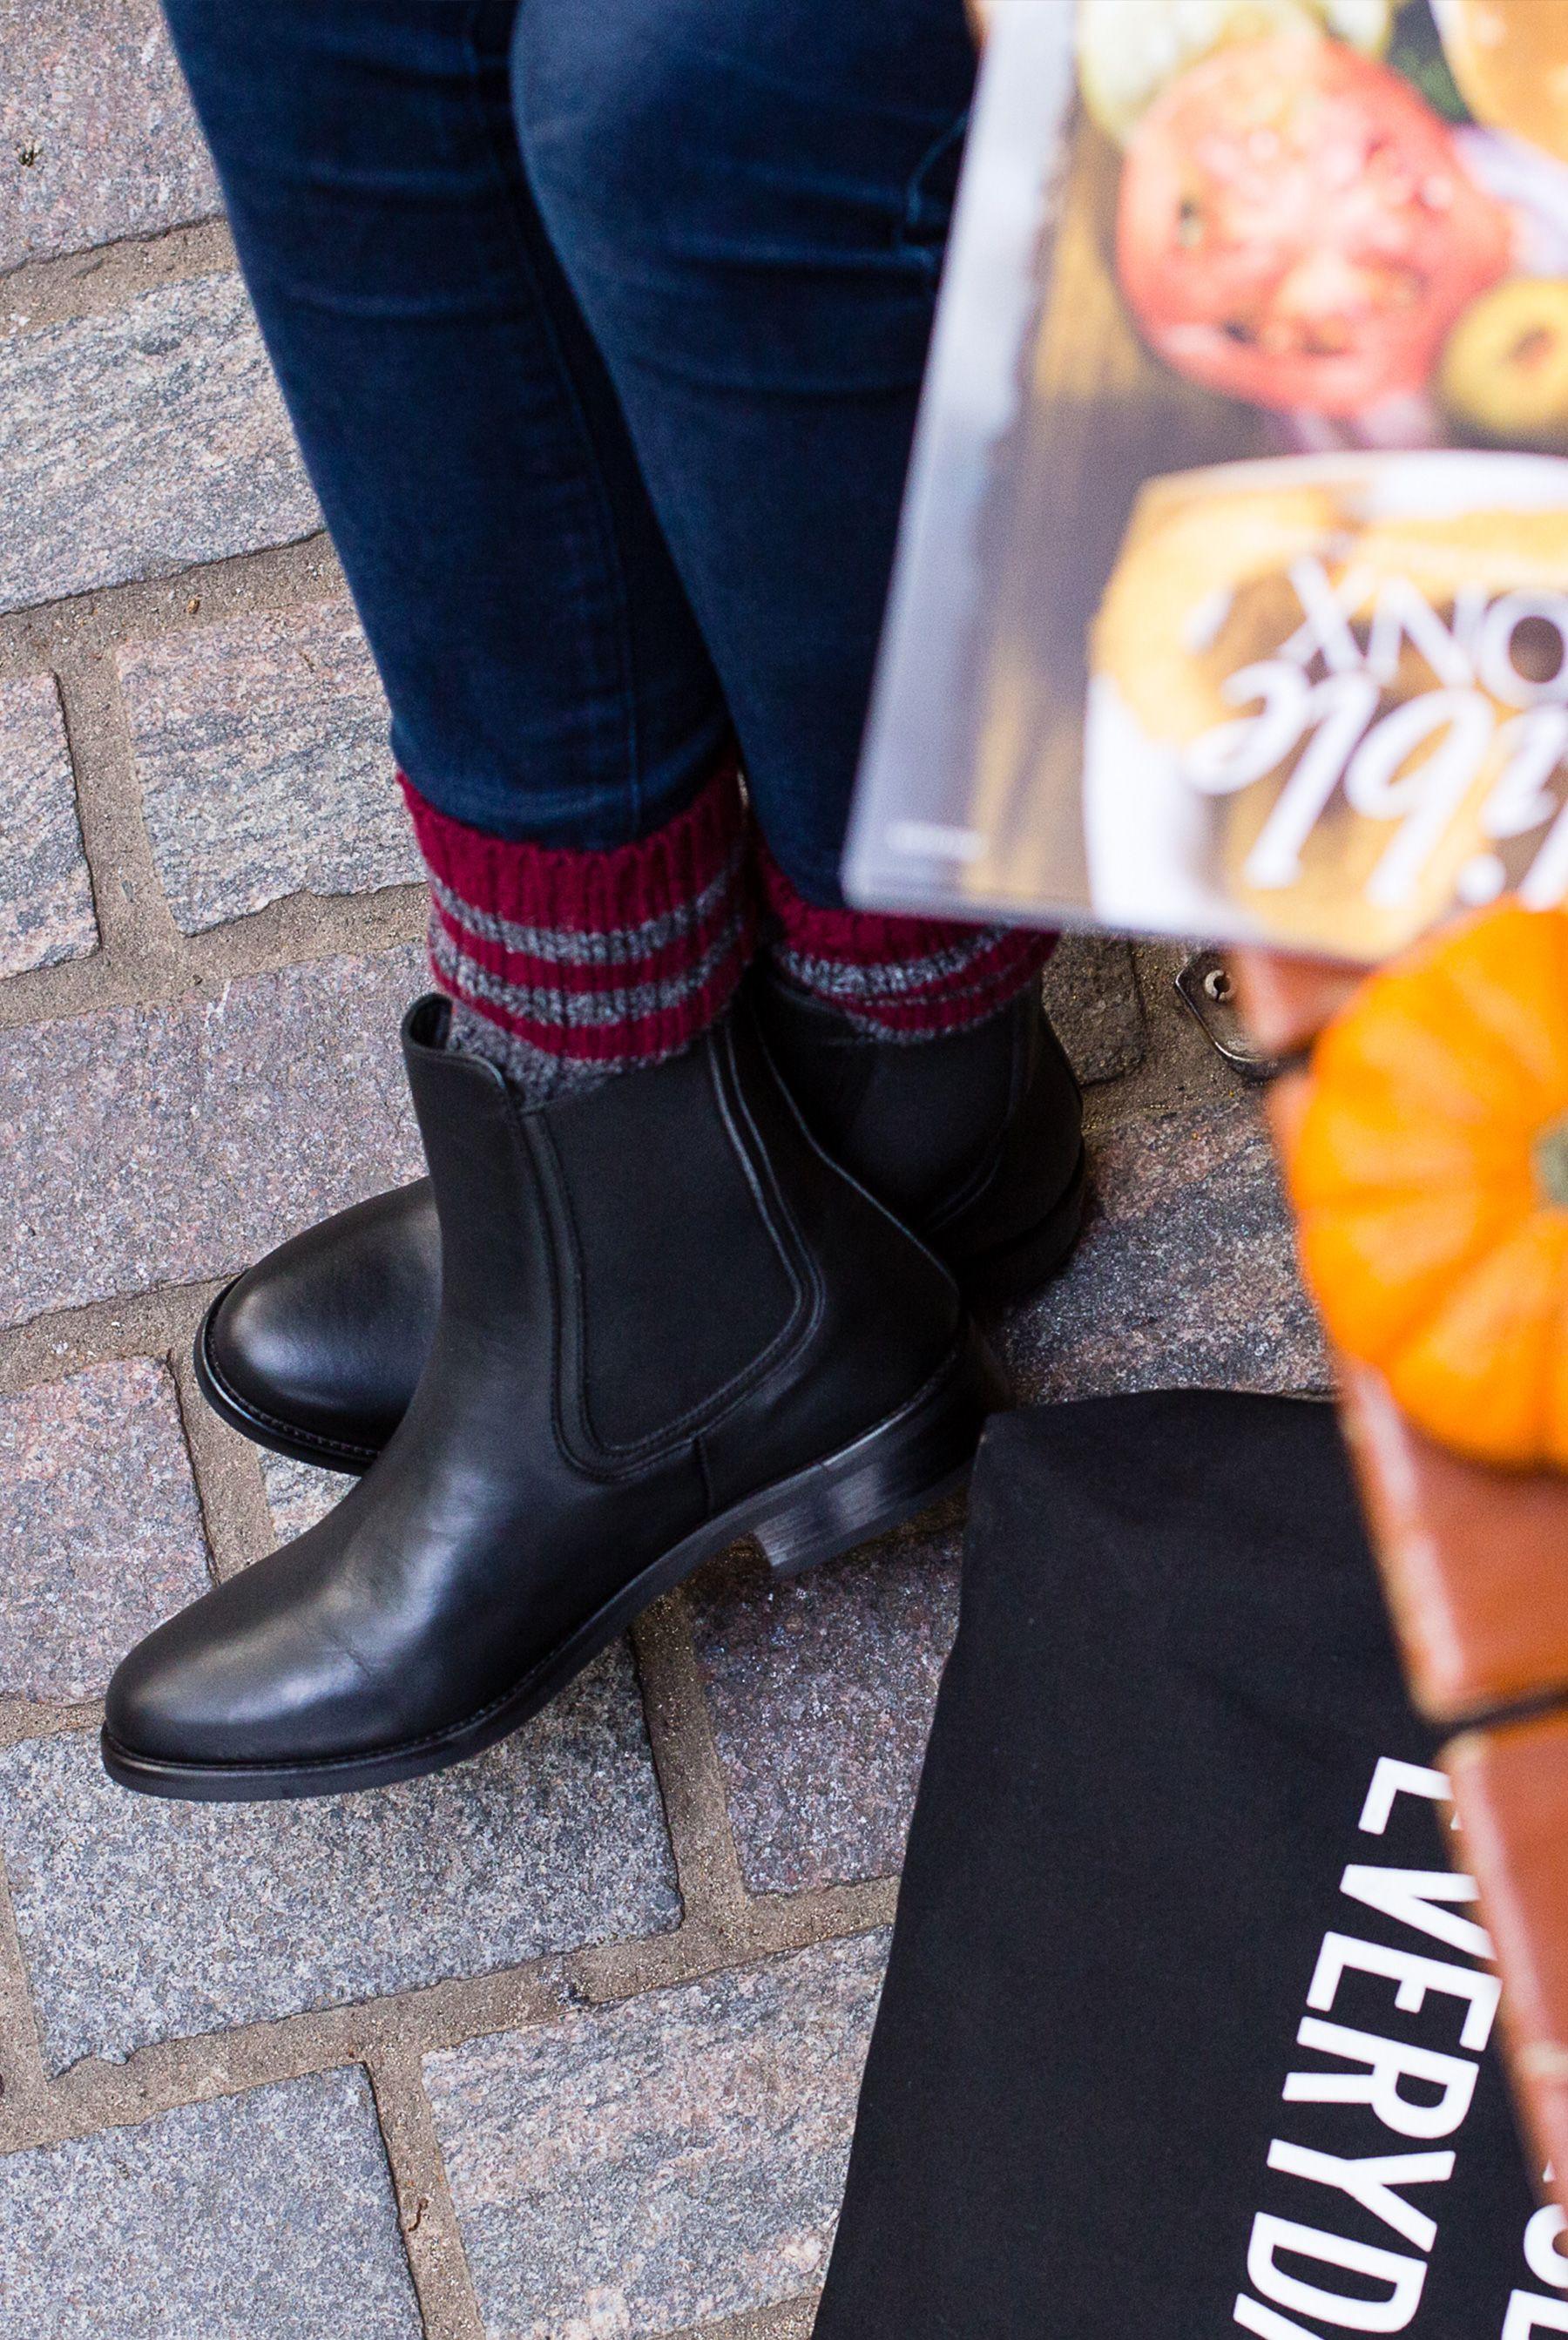 Thursday boot company duchess thursday boot company, street fashion